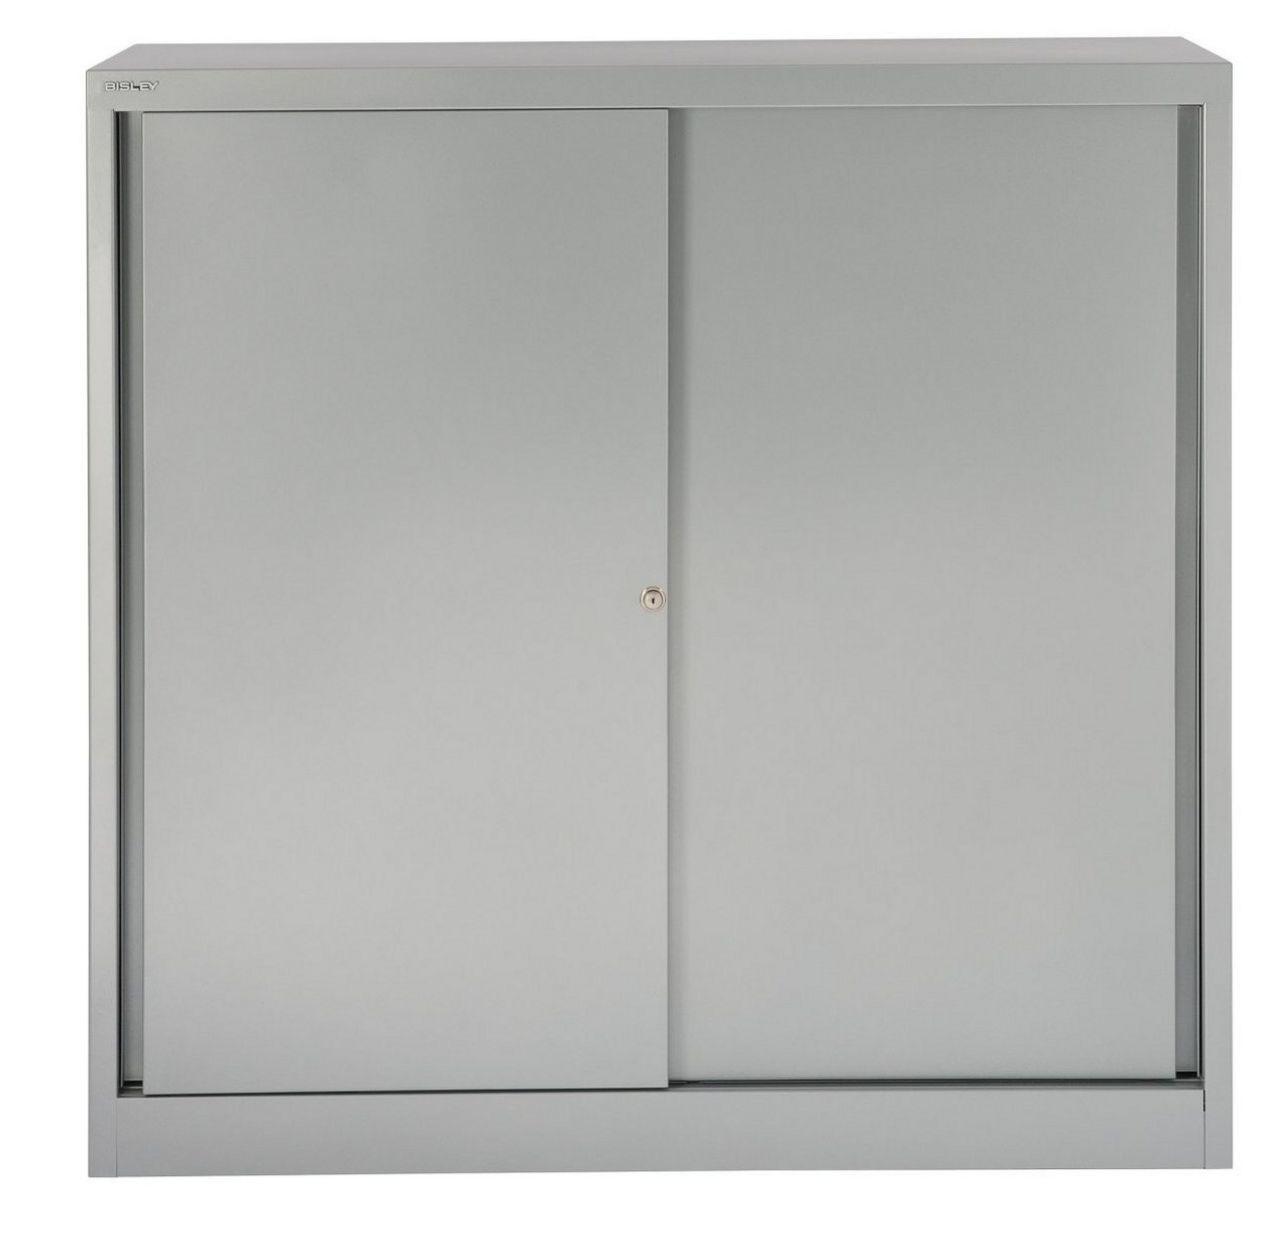 Schiebetüren-Stahlschrank Stahl-Fachböden höhenverstellbar